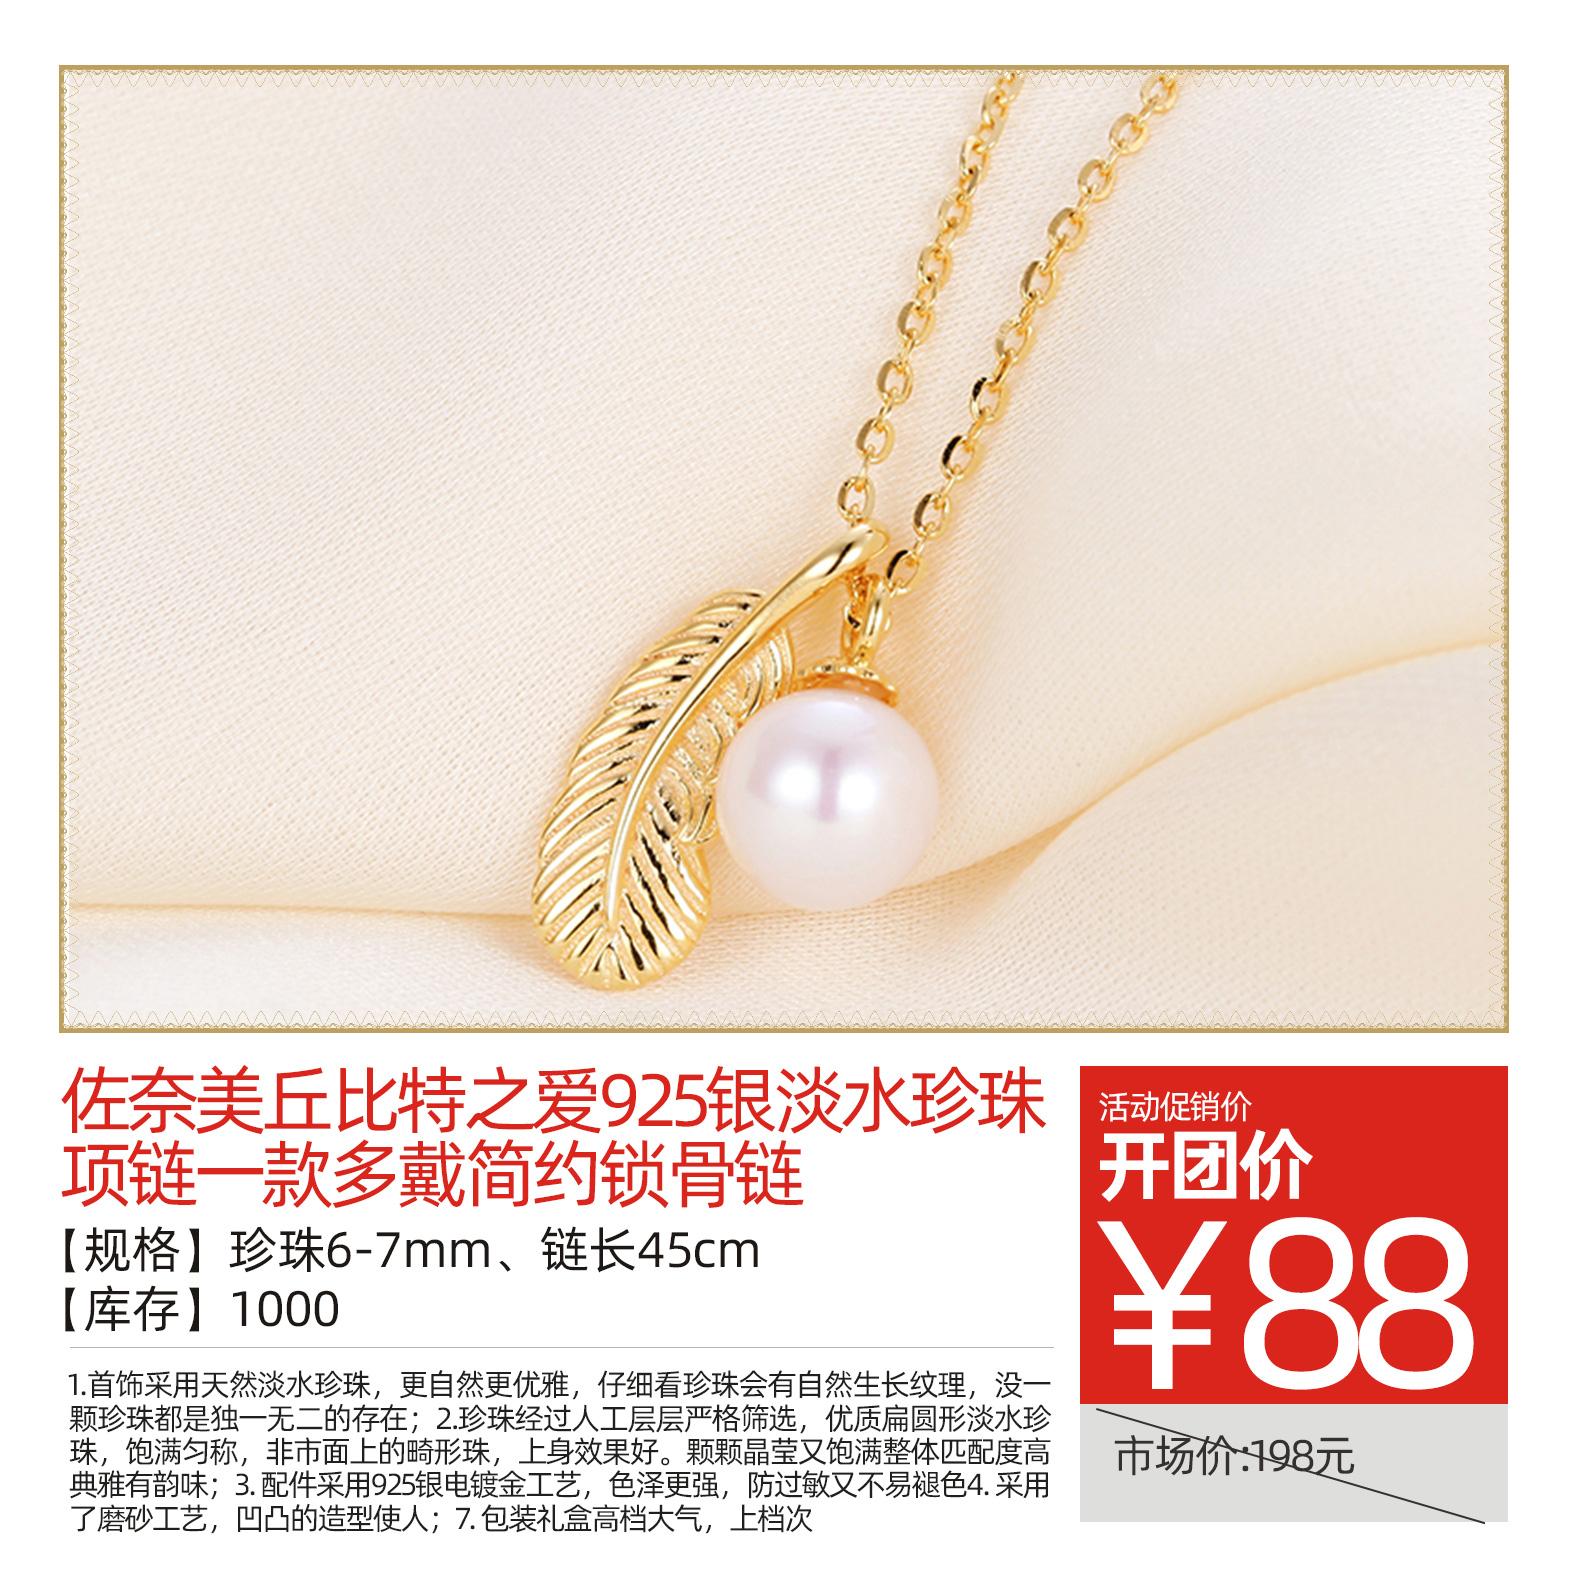 佐奈美丘比特之爱925银淡水珍珠项链一款多戴简约锁骨链